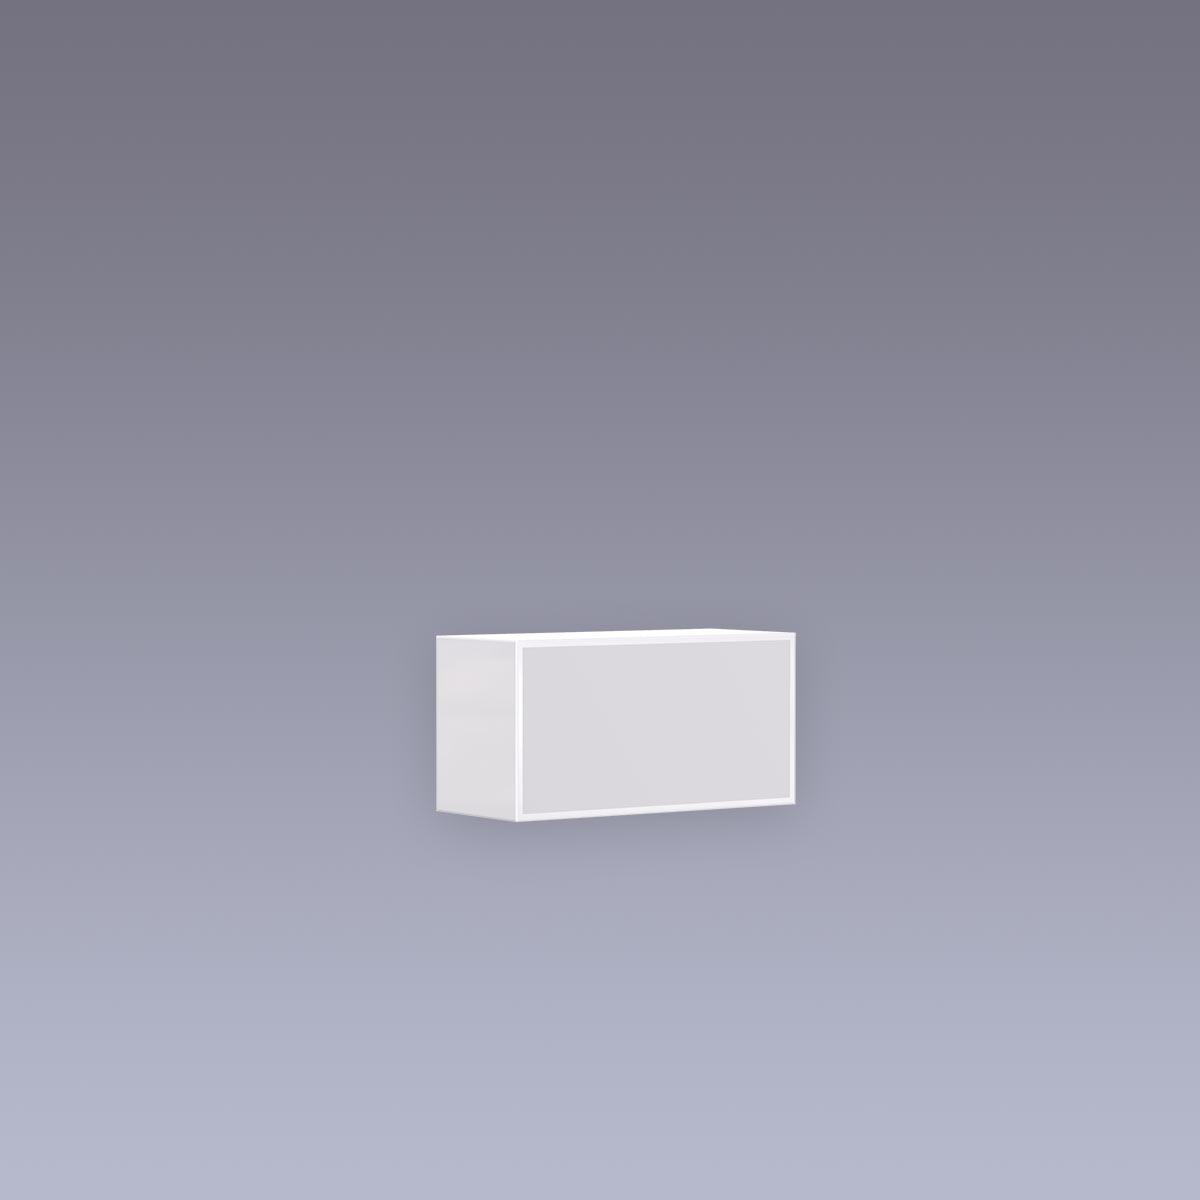 LED Hausnummer - Bindestrich CCT 12V 2700K/4000K/6500K